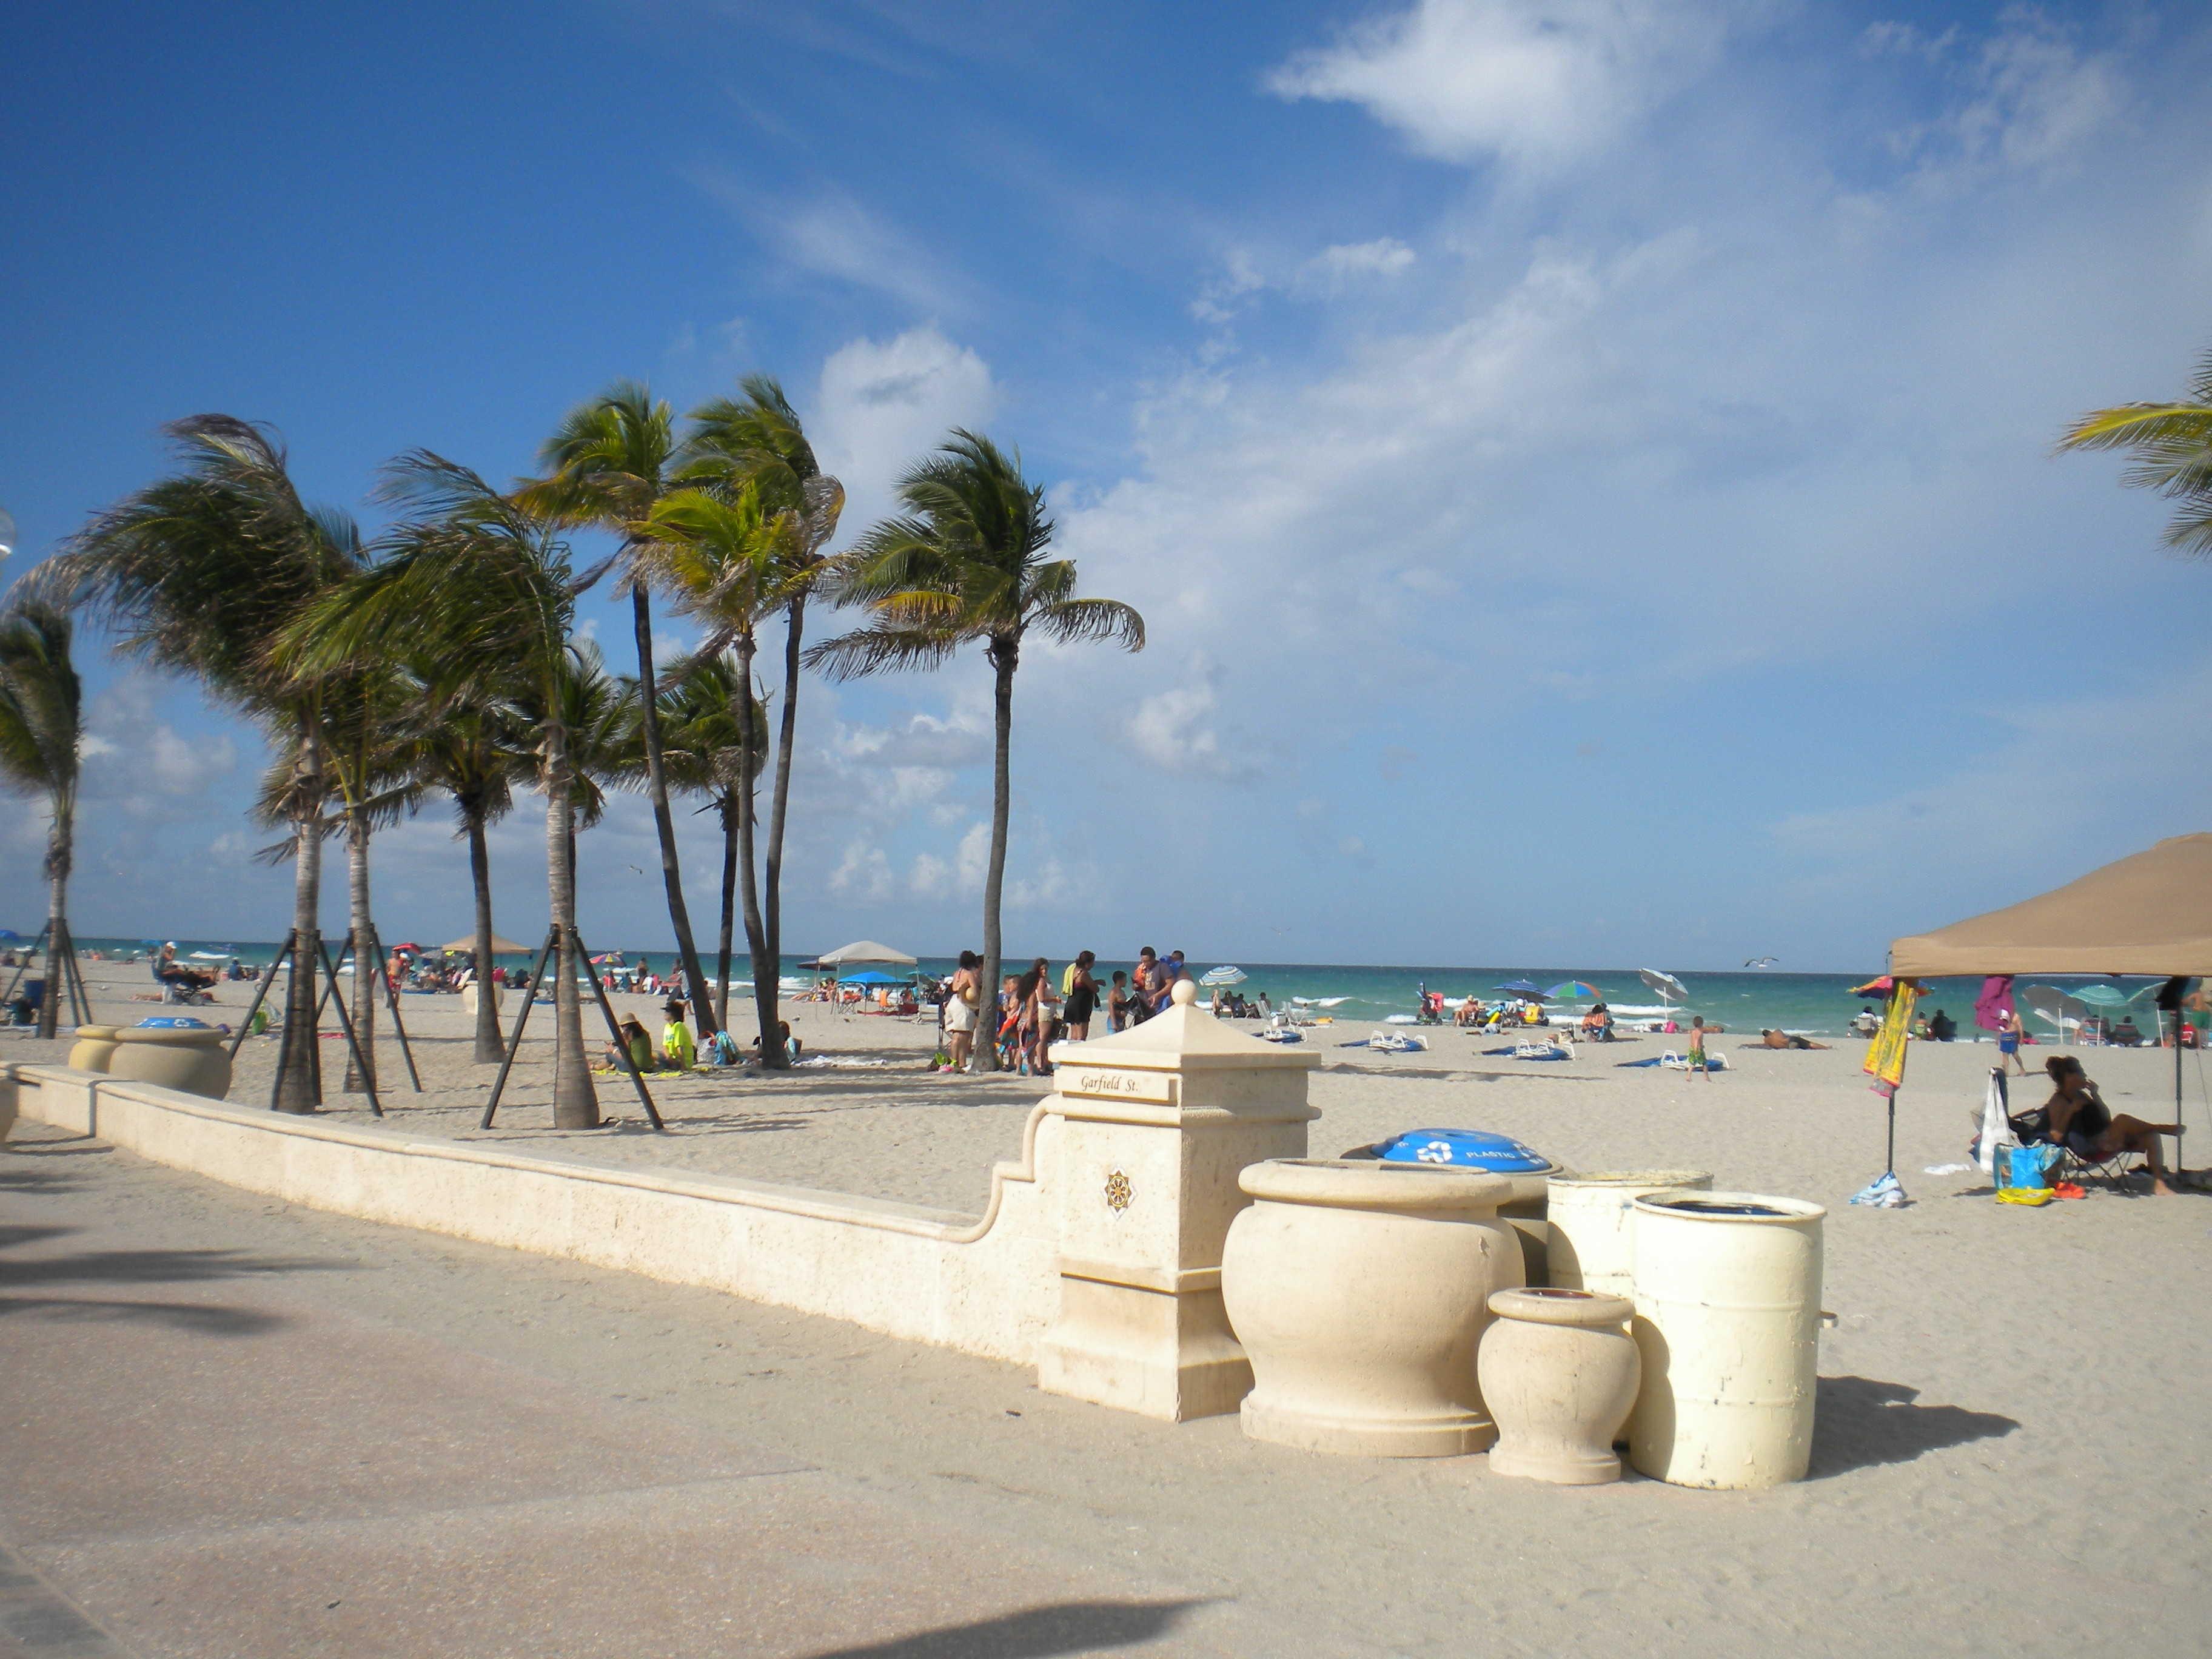 hollywood beach boardwalk